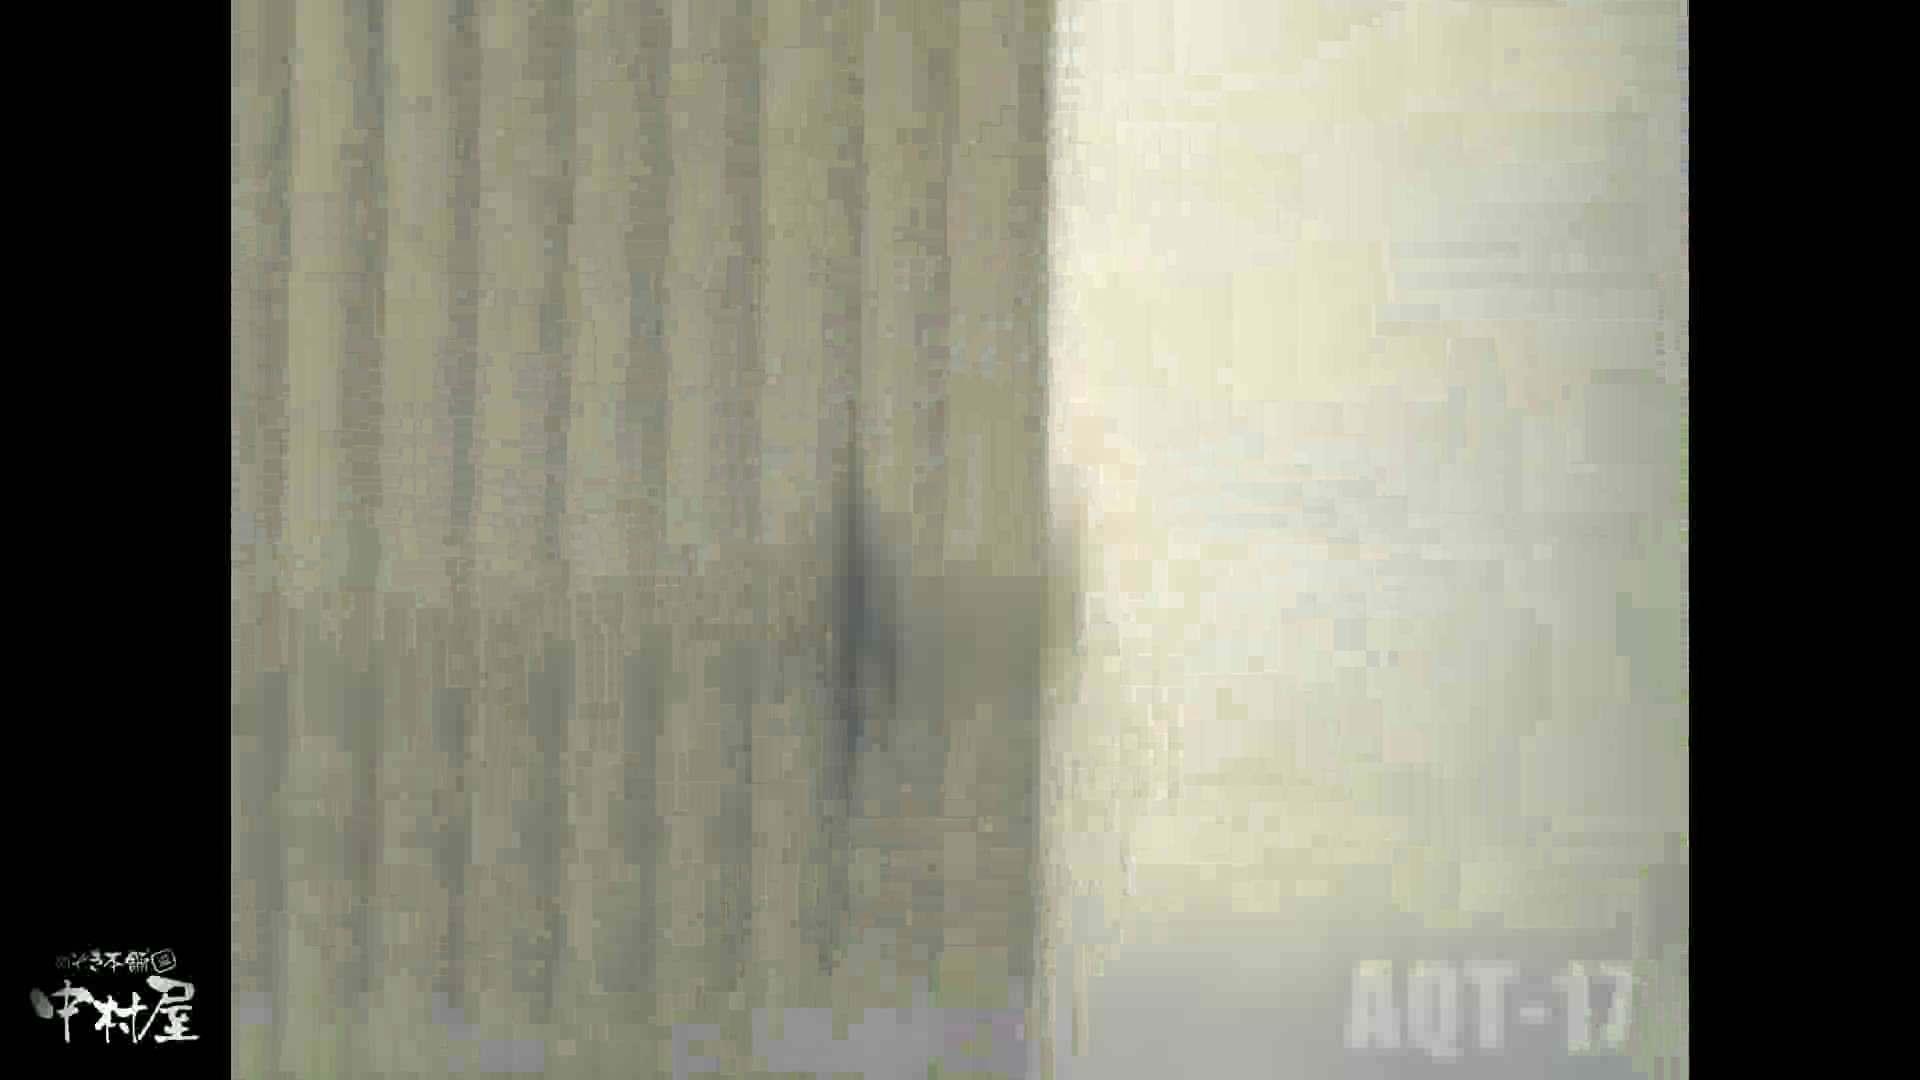 Aquaな露天風呂Vol.881潜入盗撮露天風呂十七判湯 其の五 露天  43PICs 36